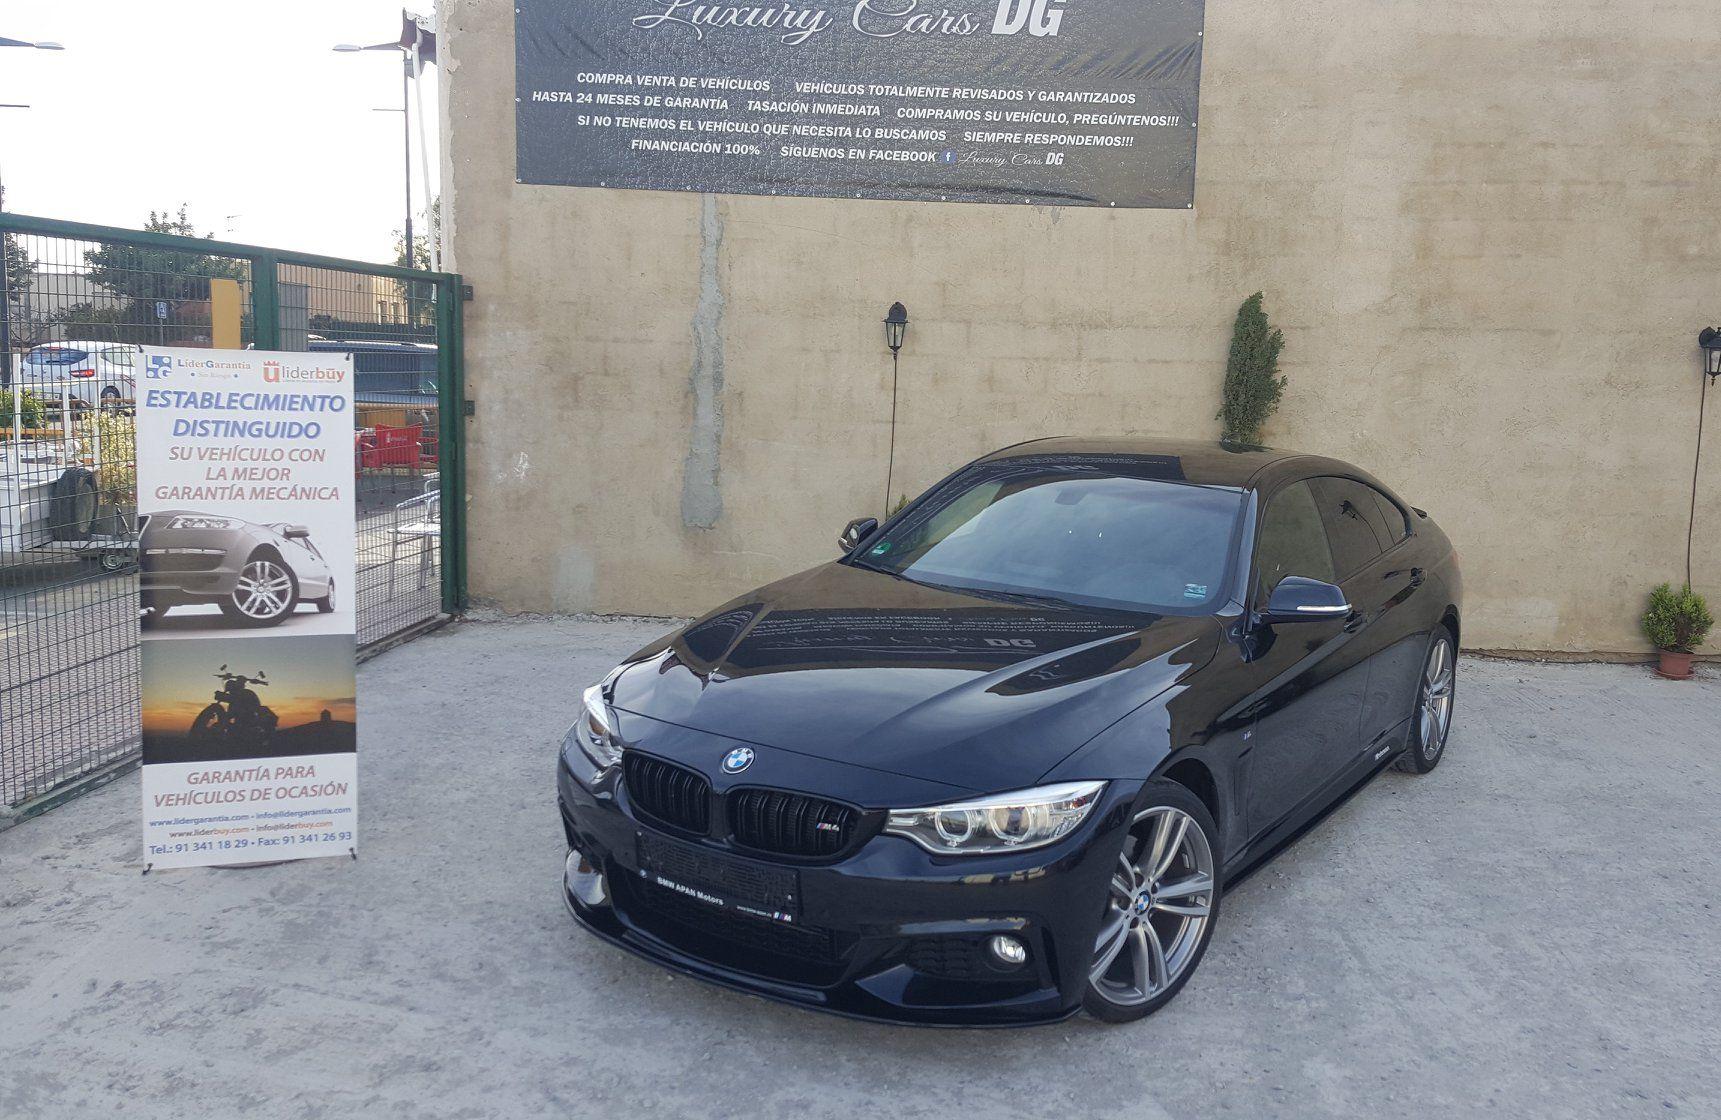 Foto 43 de Compraventa de automóviles en Vera | Luxury Cars DG